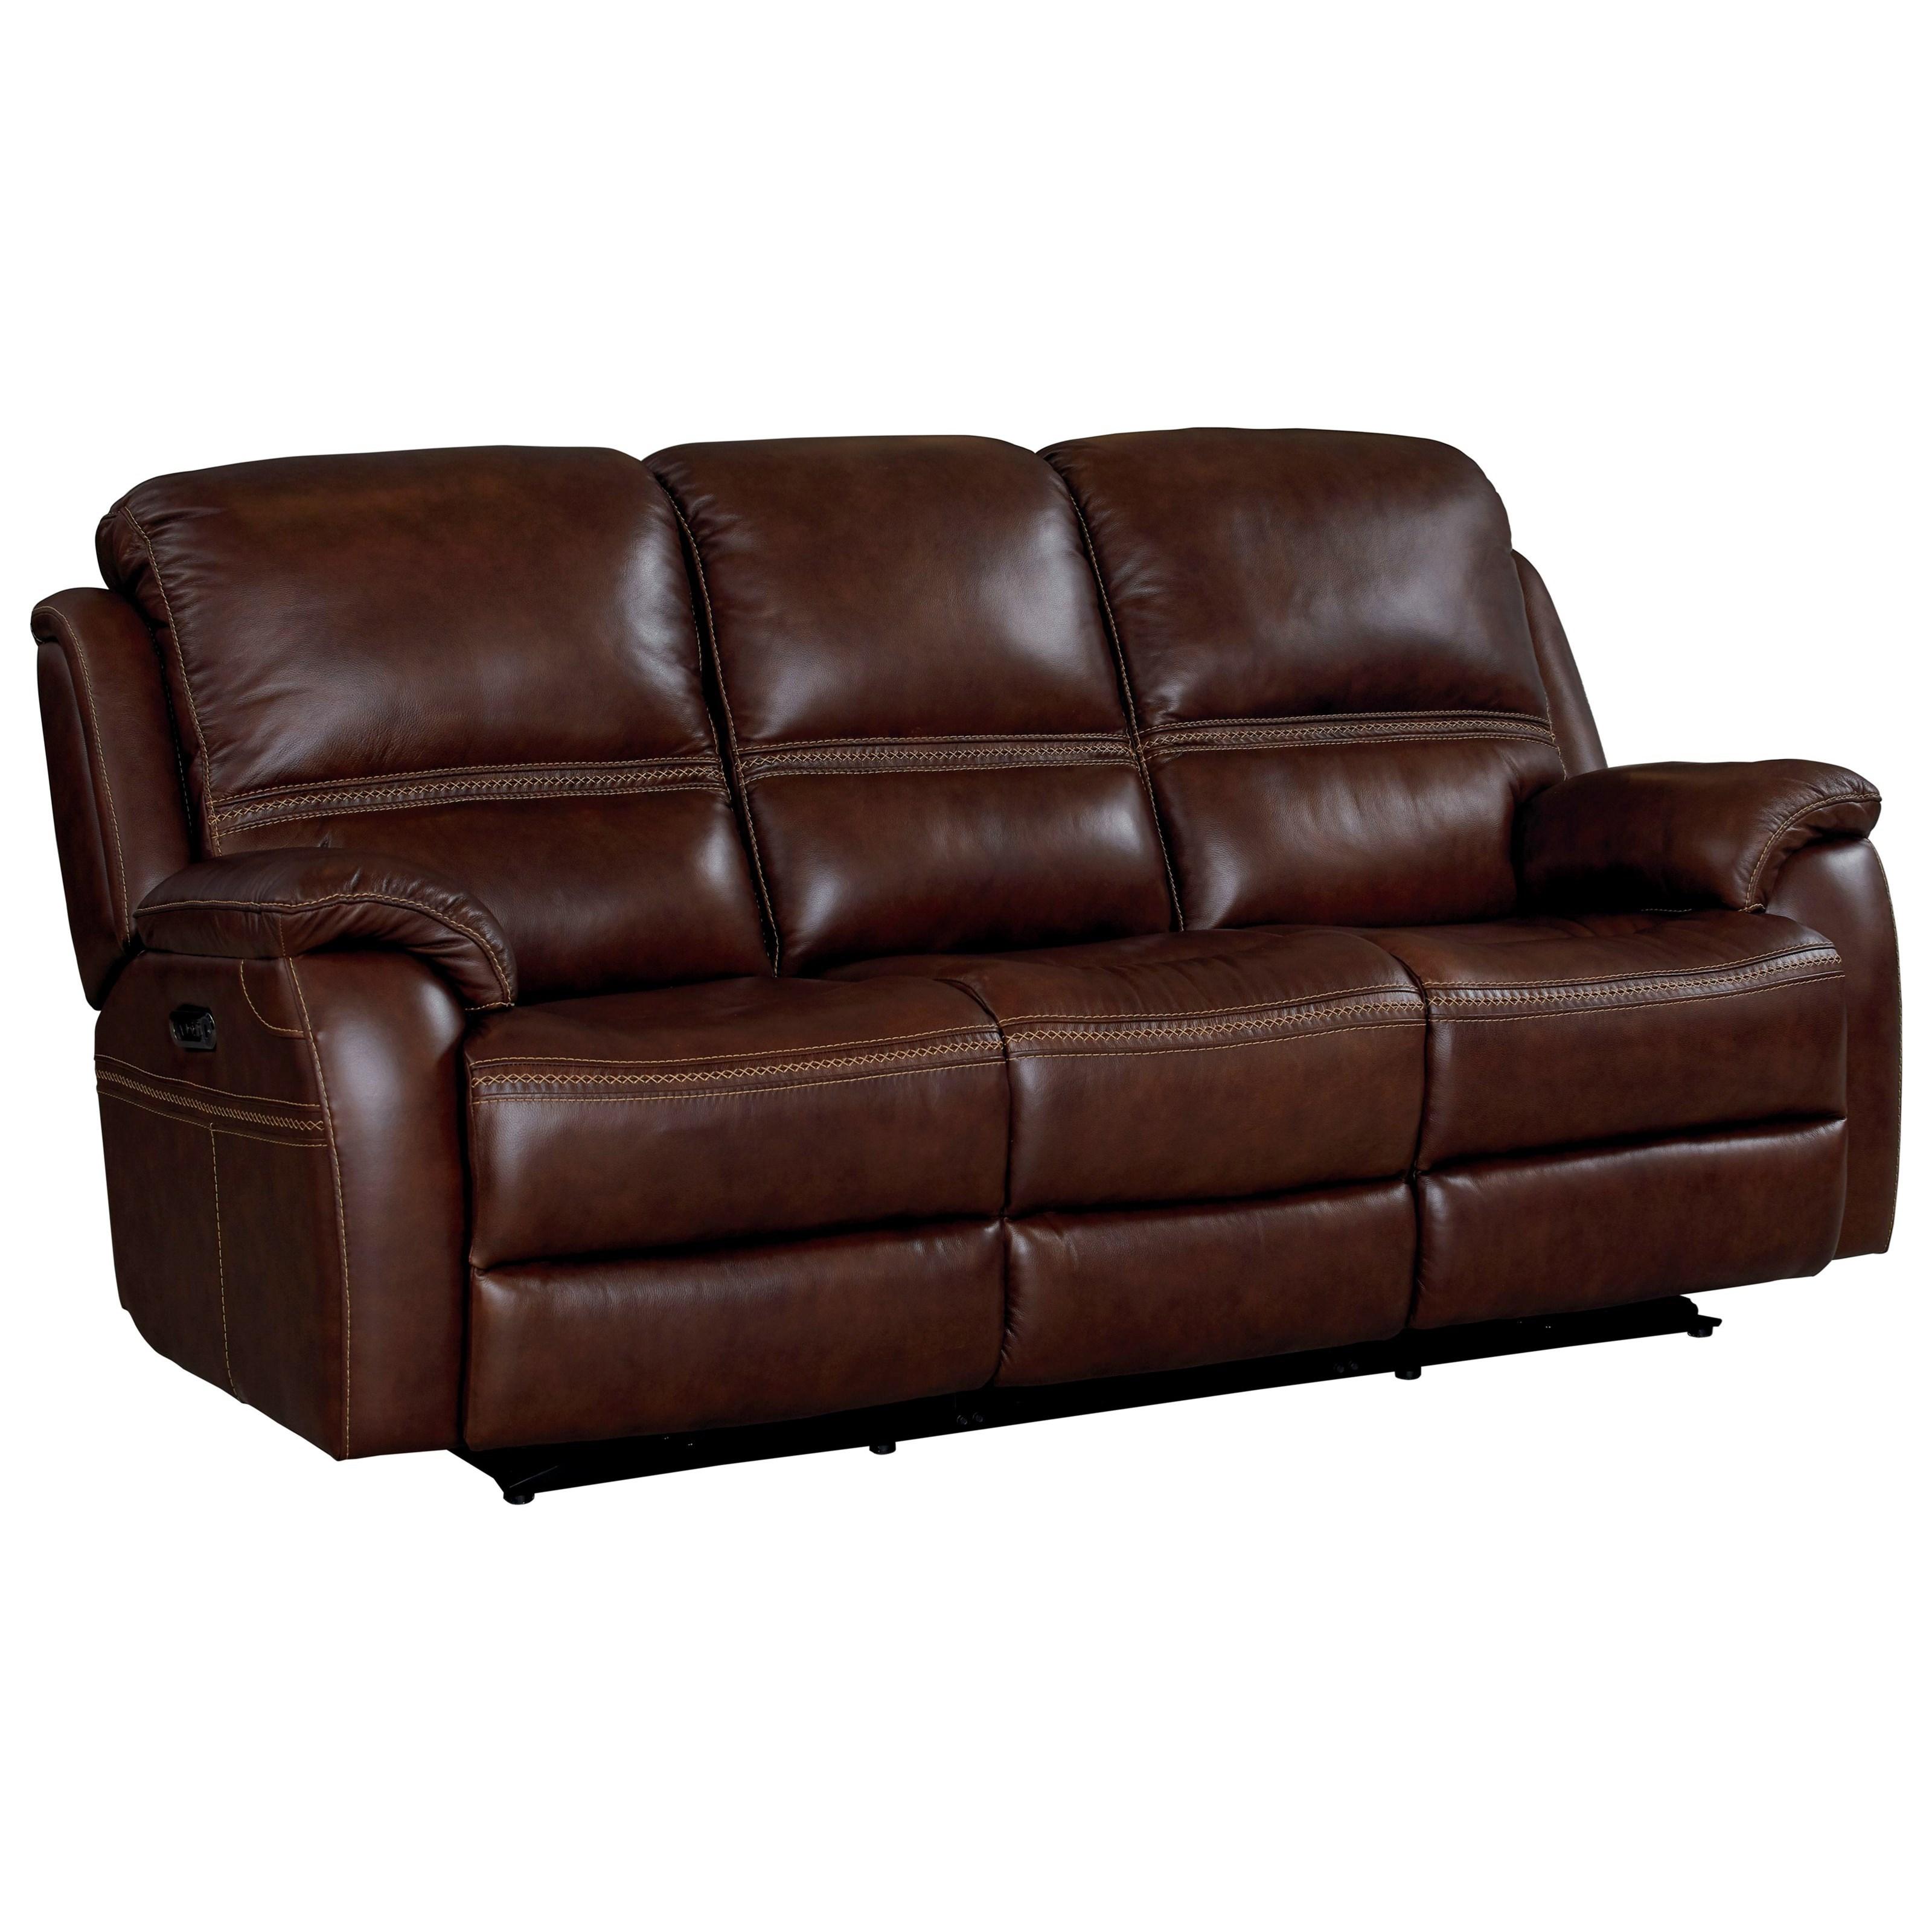 Bassett Furniture Sofas: Club Level By Bassett 3731-P62K